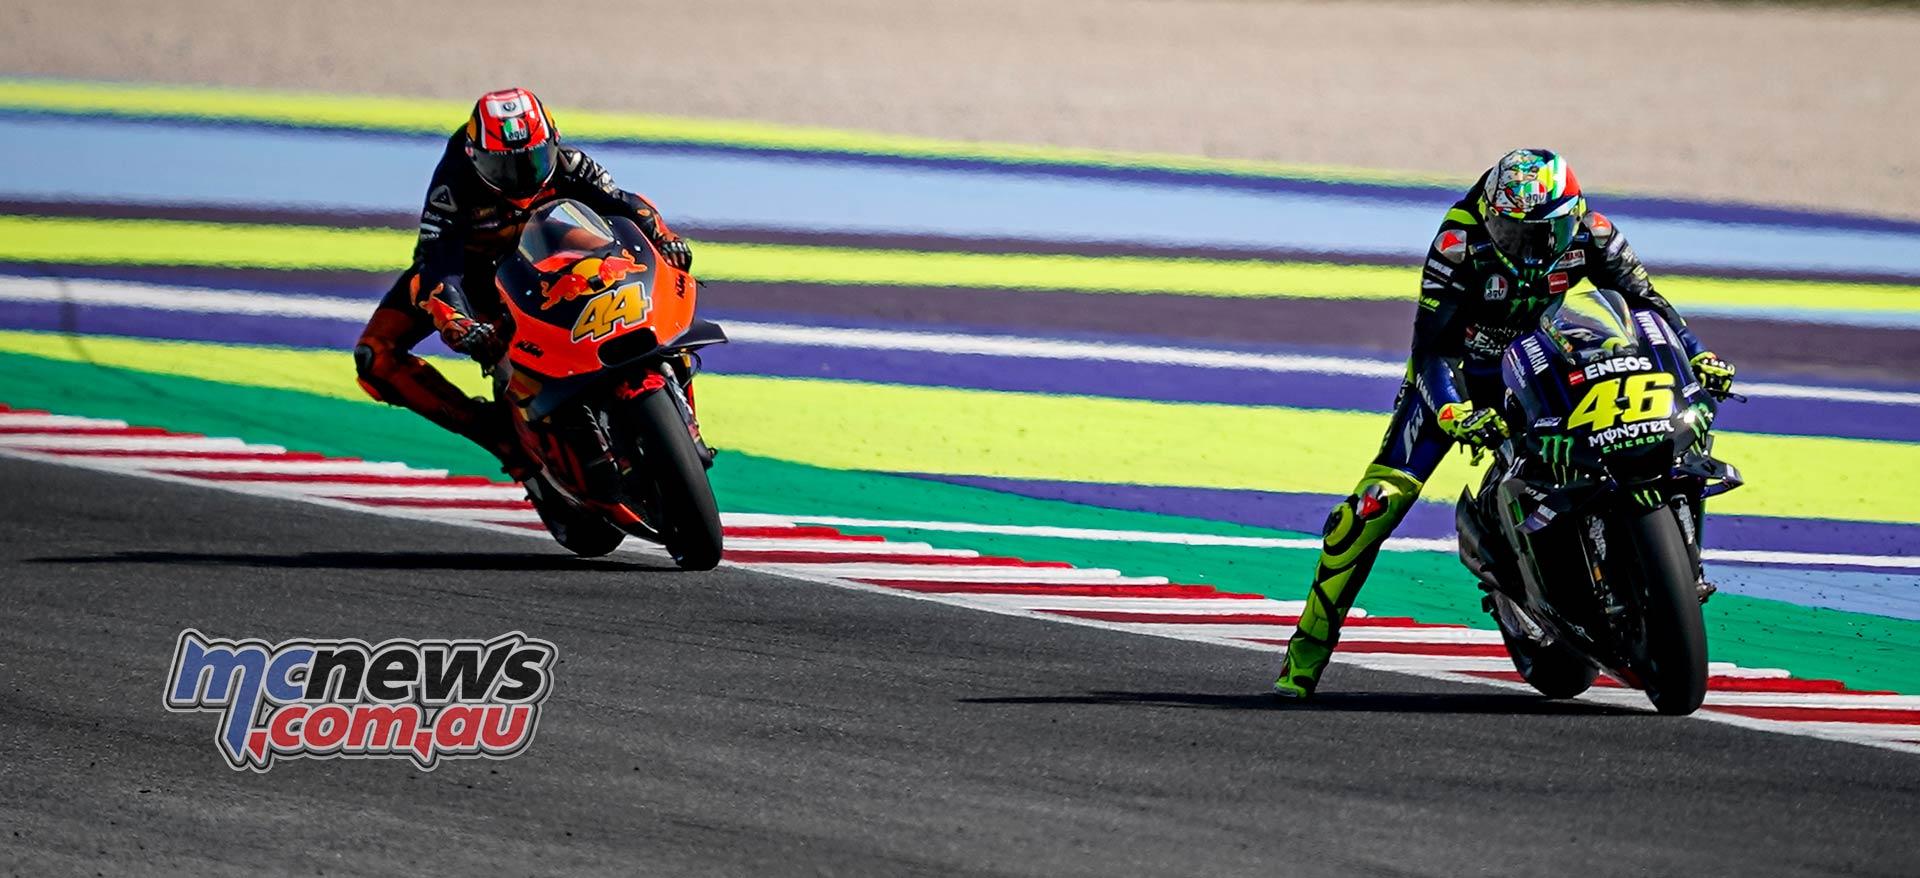 MotoGP Rnd Misano Rossi Espargaro